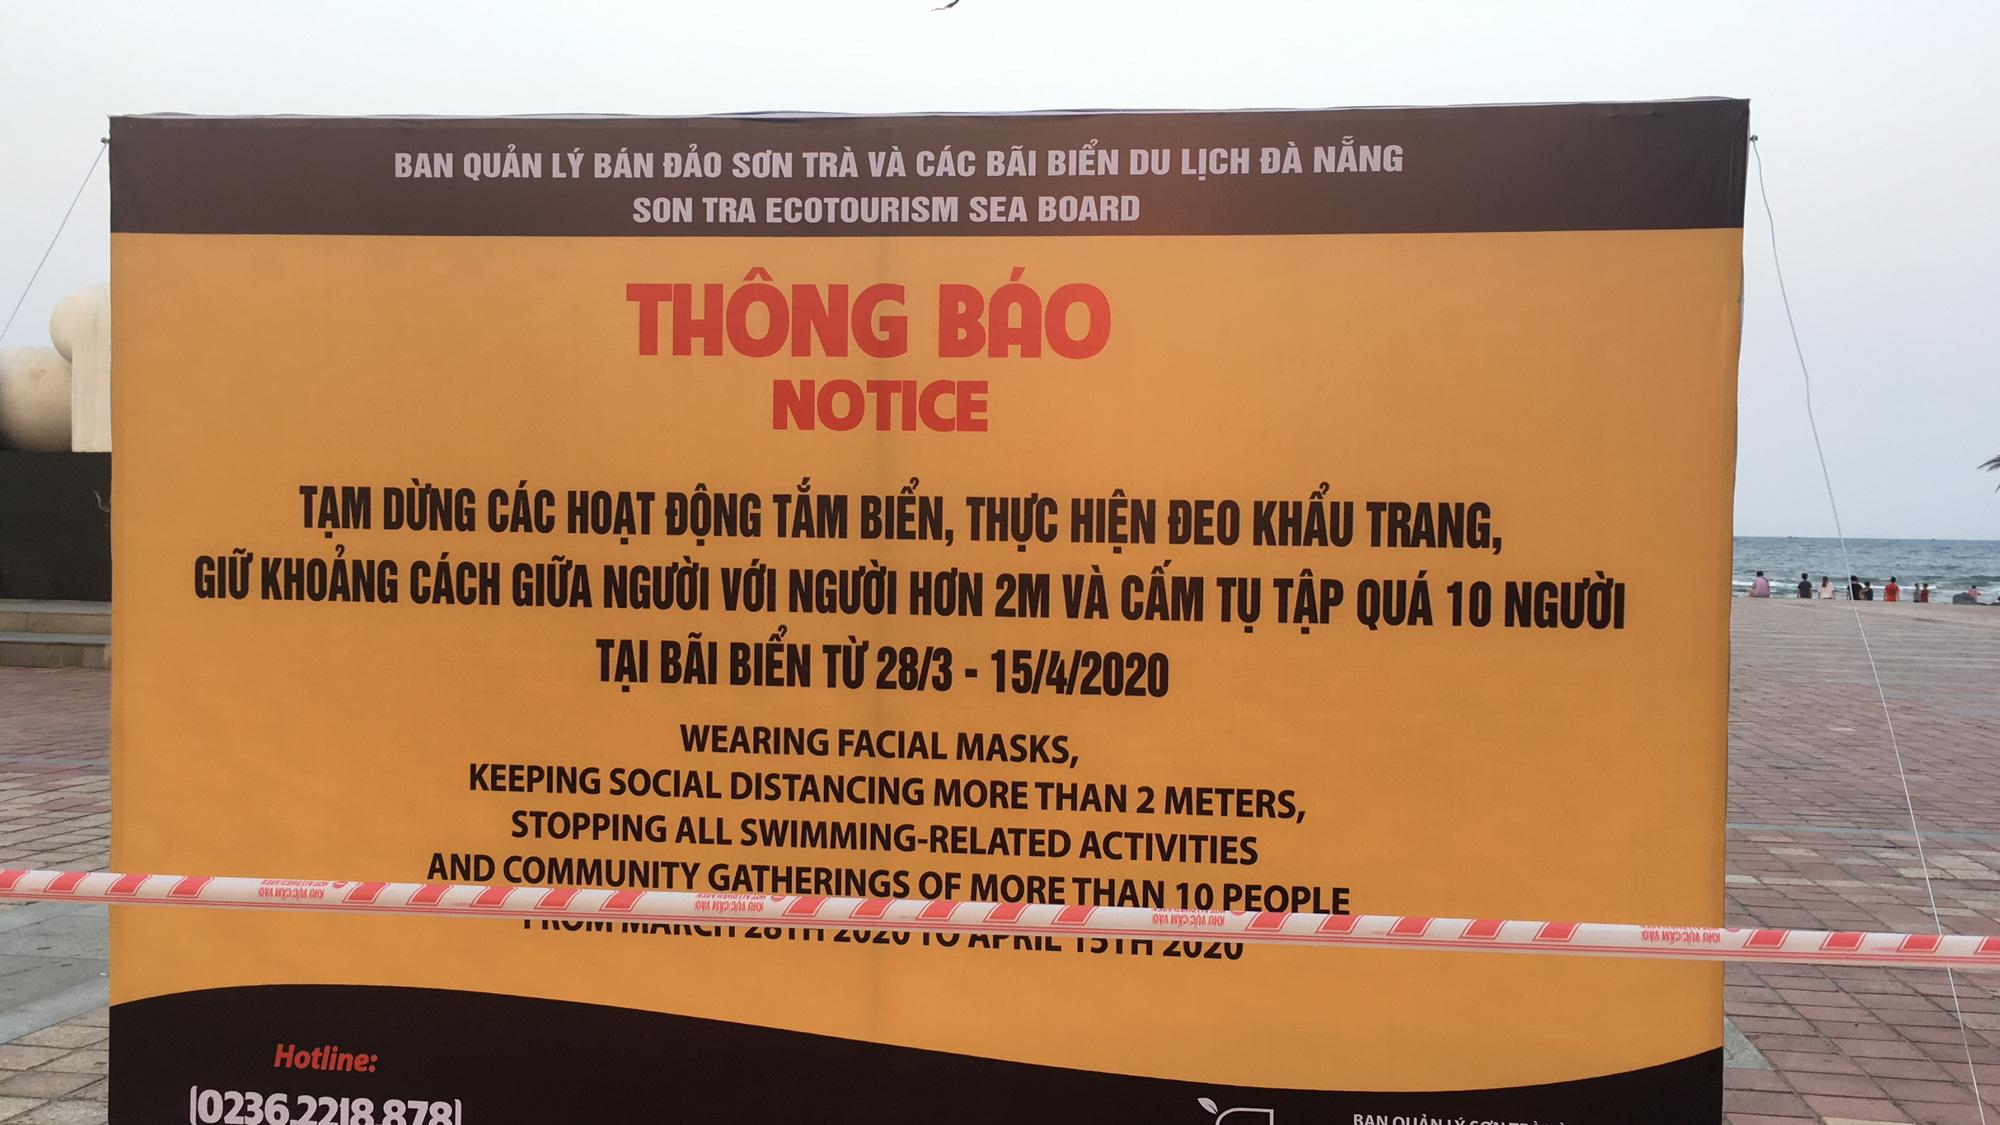 Ven biển Đà Nẵng bị rào chắn hơn 1km, các dịch vụ ngừng hoạt động hàng loạt để phòng dịch Covid-19 - Ảnh 1.